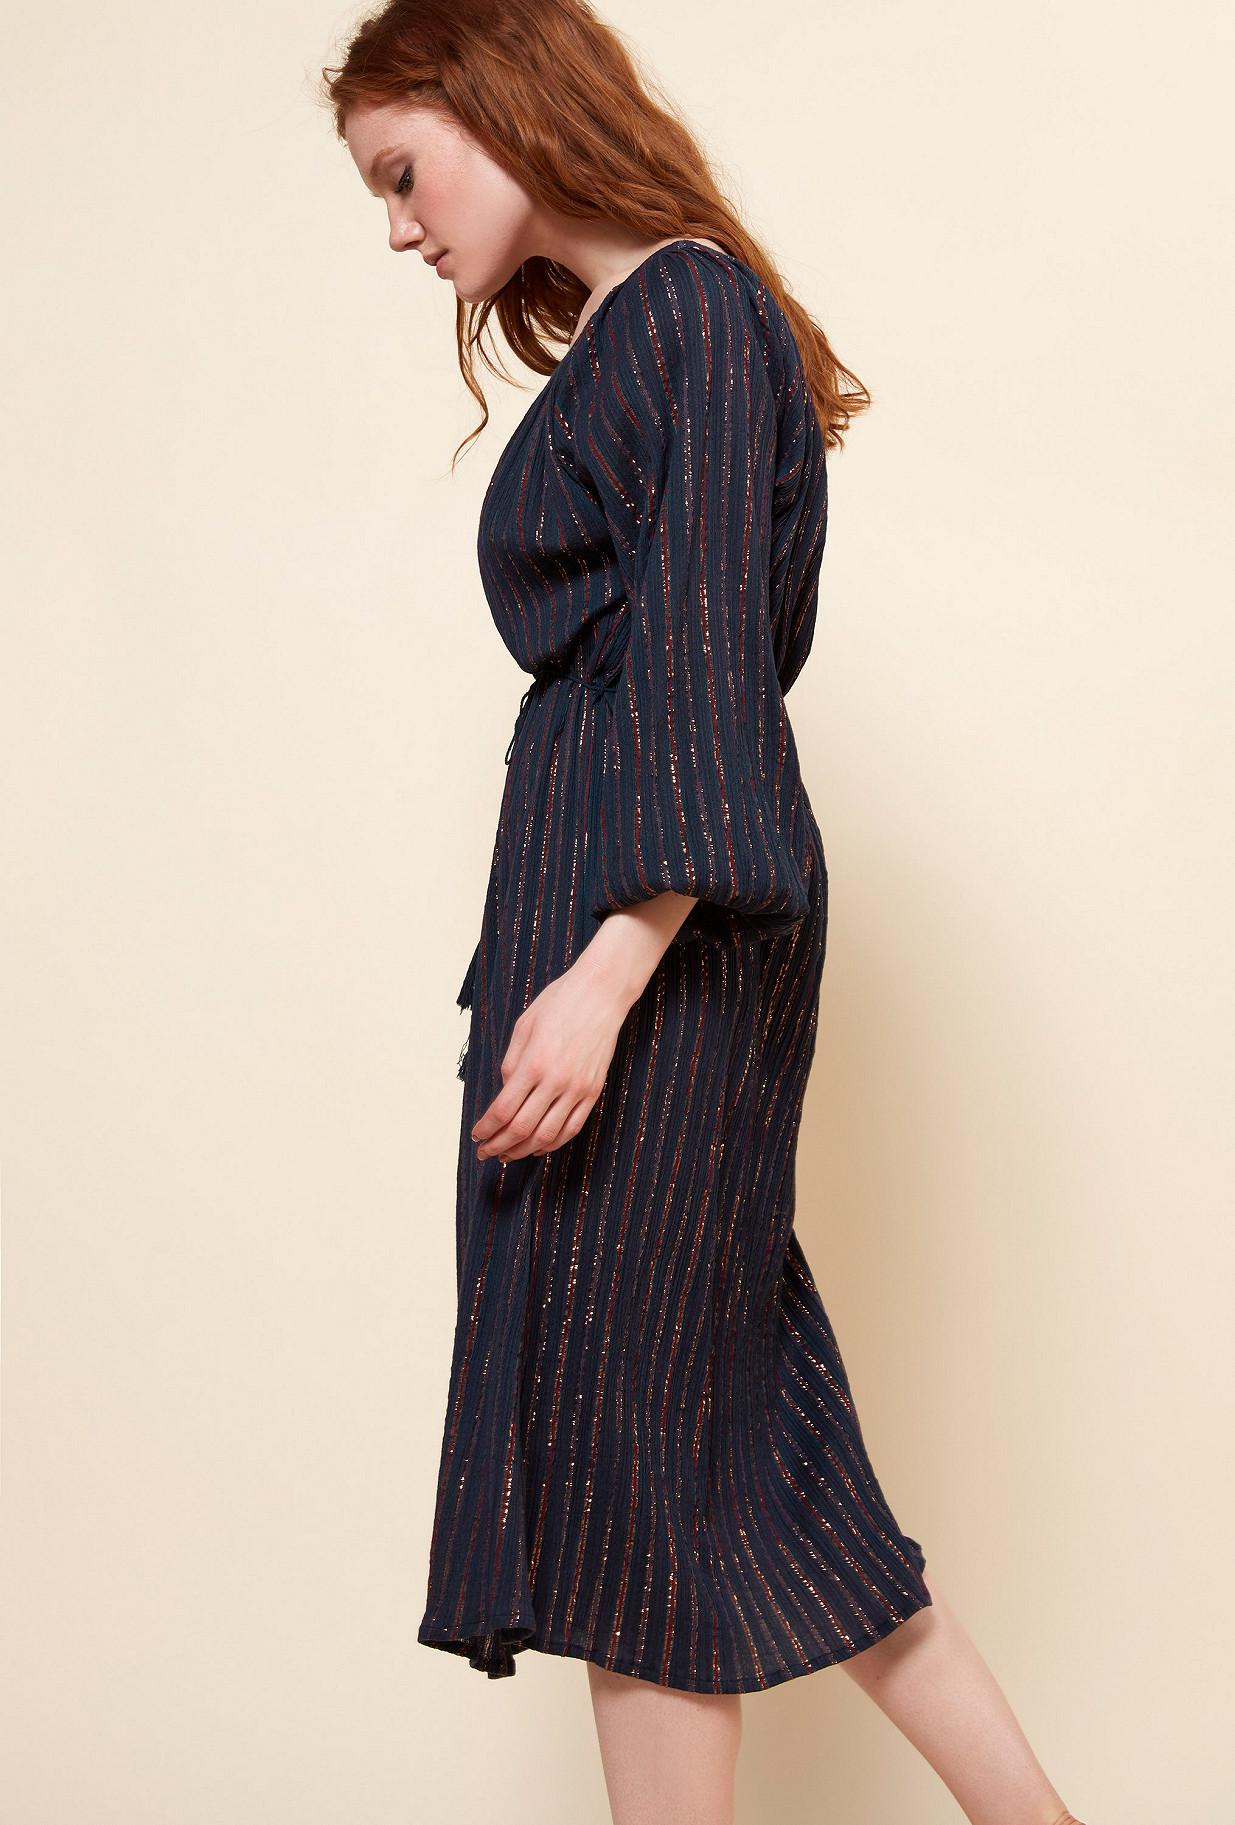 Paris boutique de mode vêtement Robe créateur bohème  Esmeralda